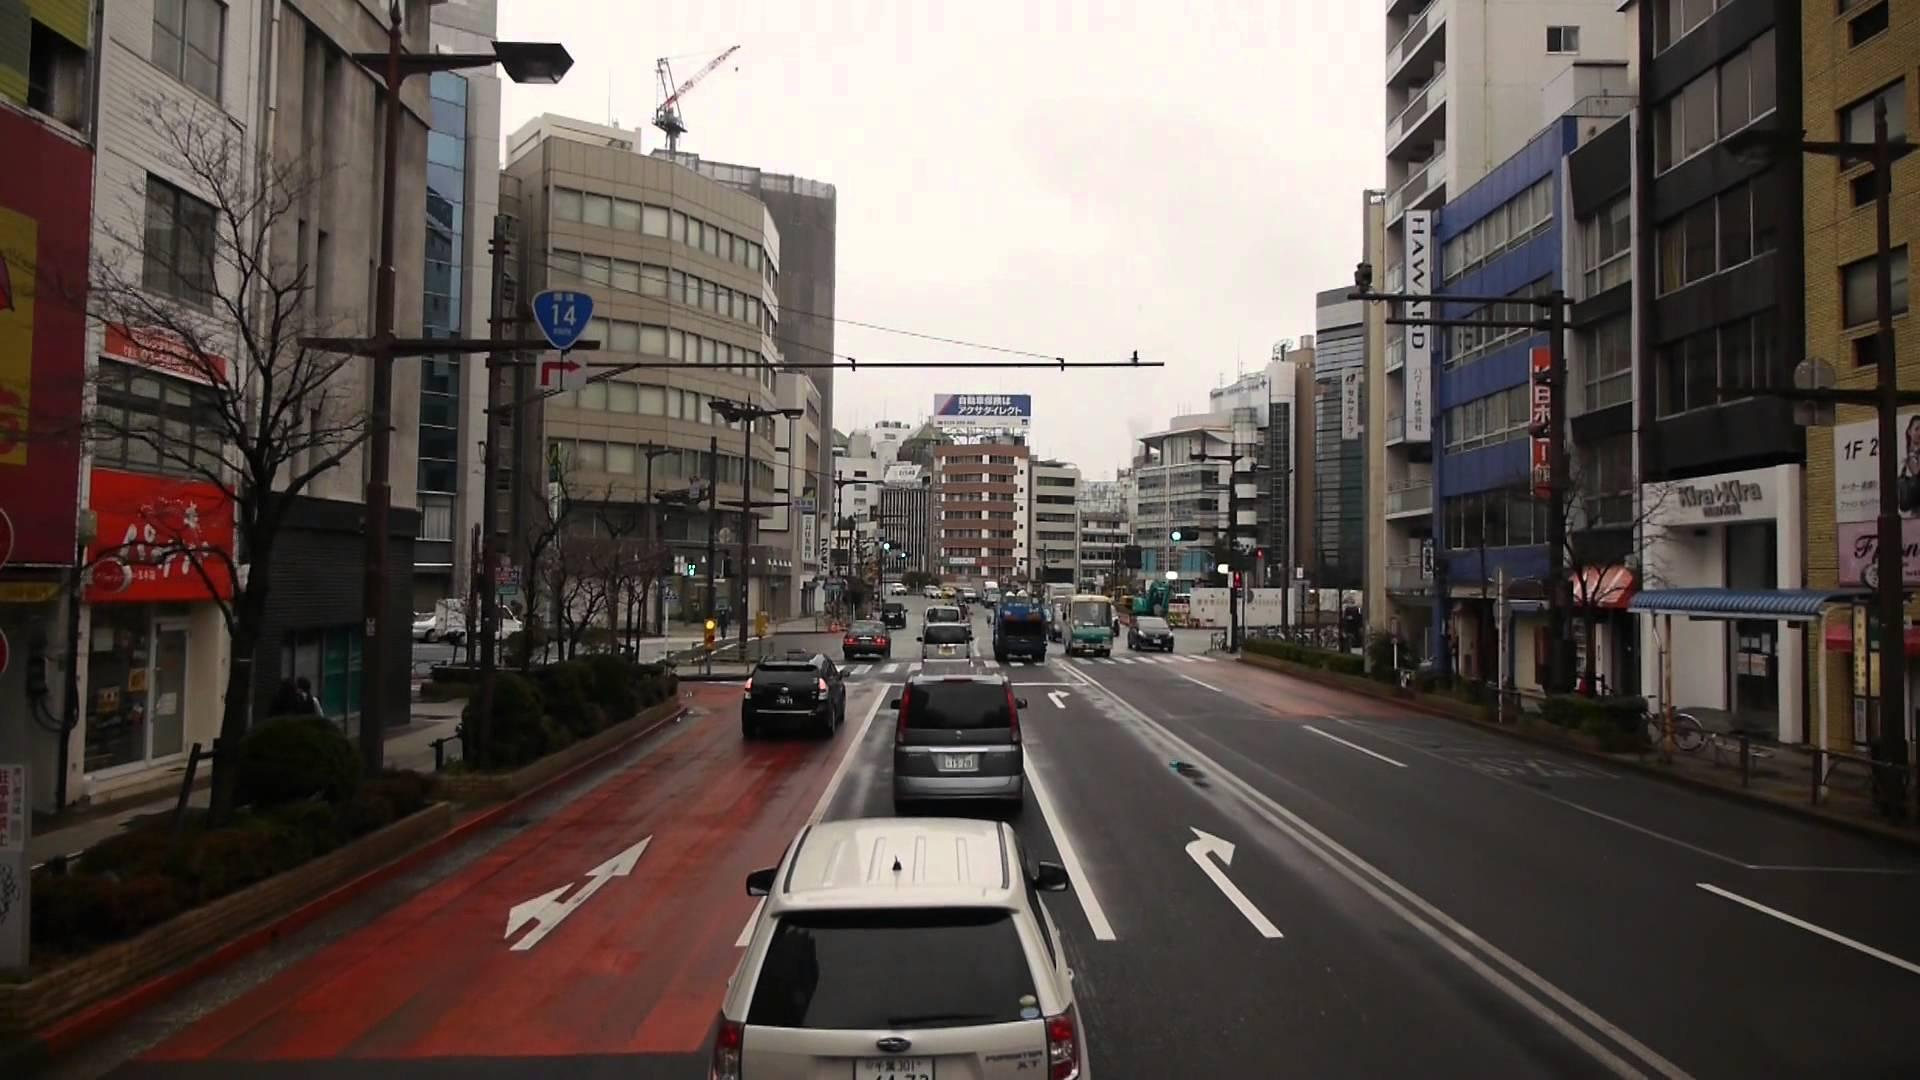 JRバス関東 スカイツリーシャトル 前面展望 東京駅~東京スカイツリータウン® 二階建てバス(エアロキング)運行便